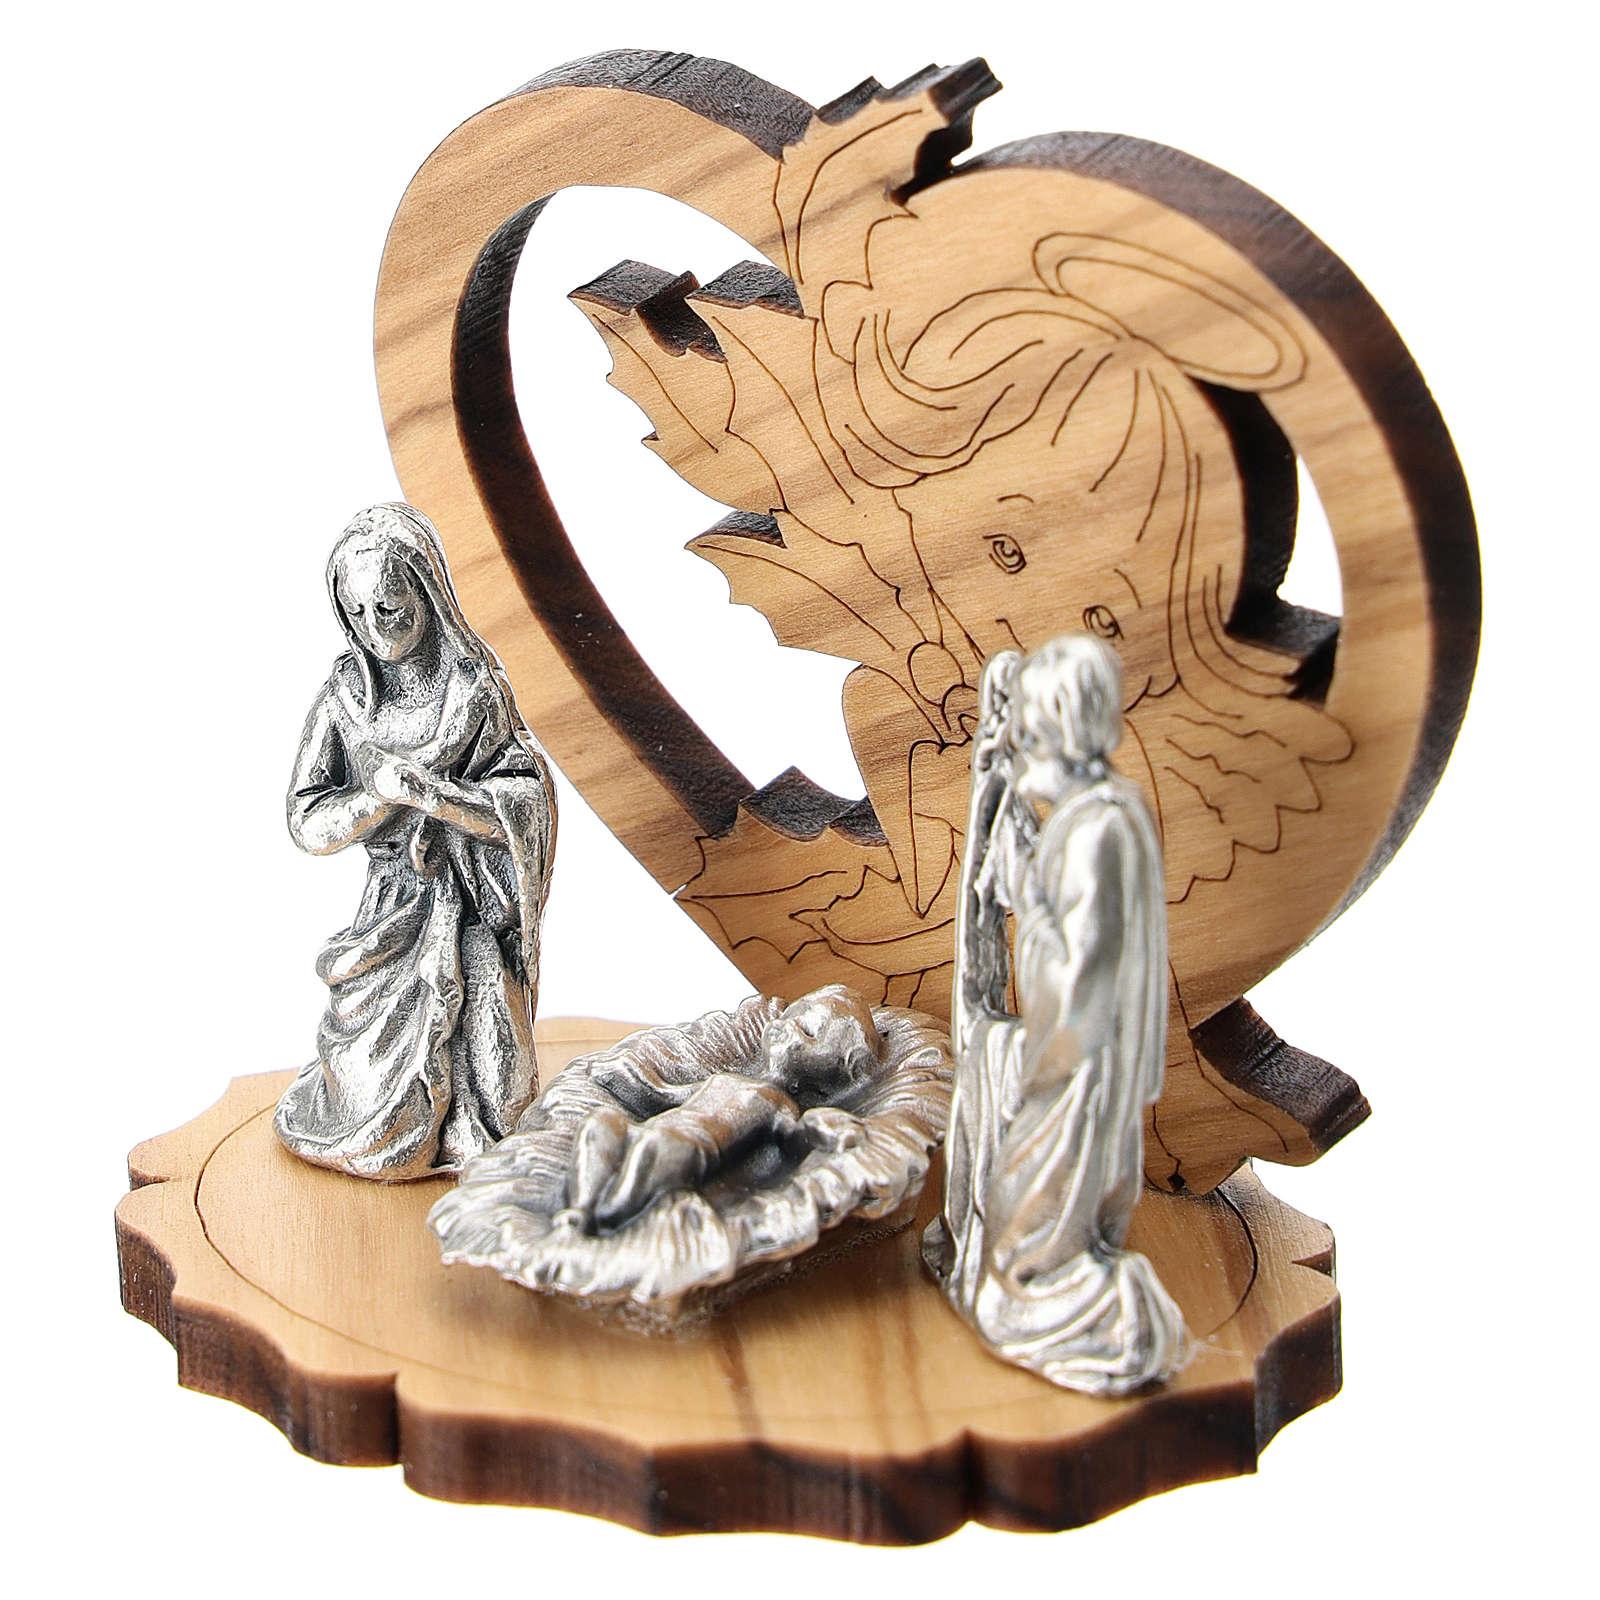 Natividad metal angelito olivo 5 cm 3